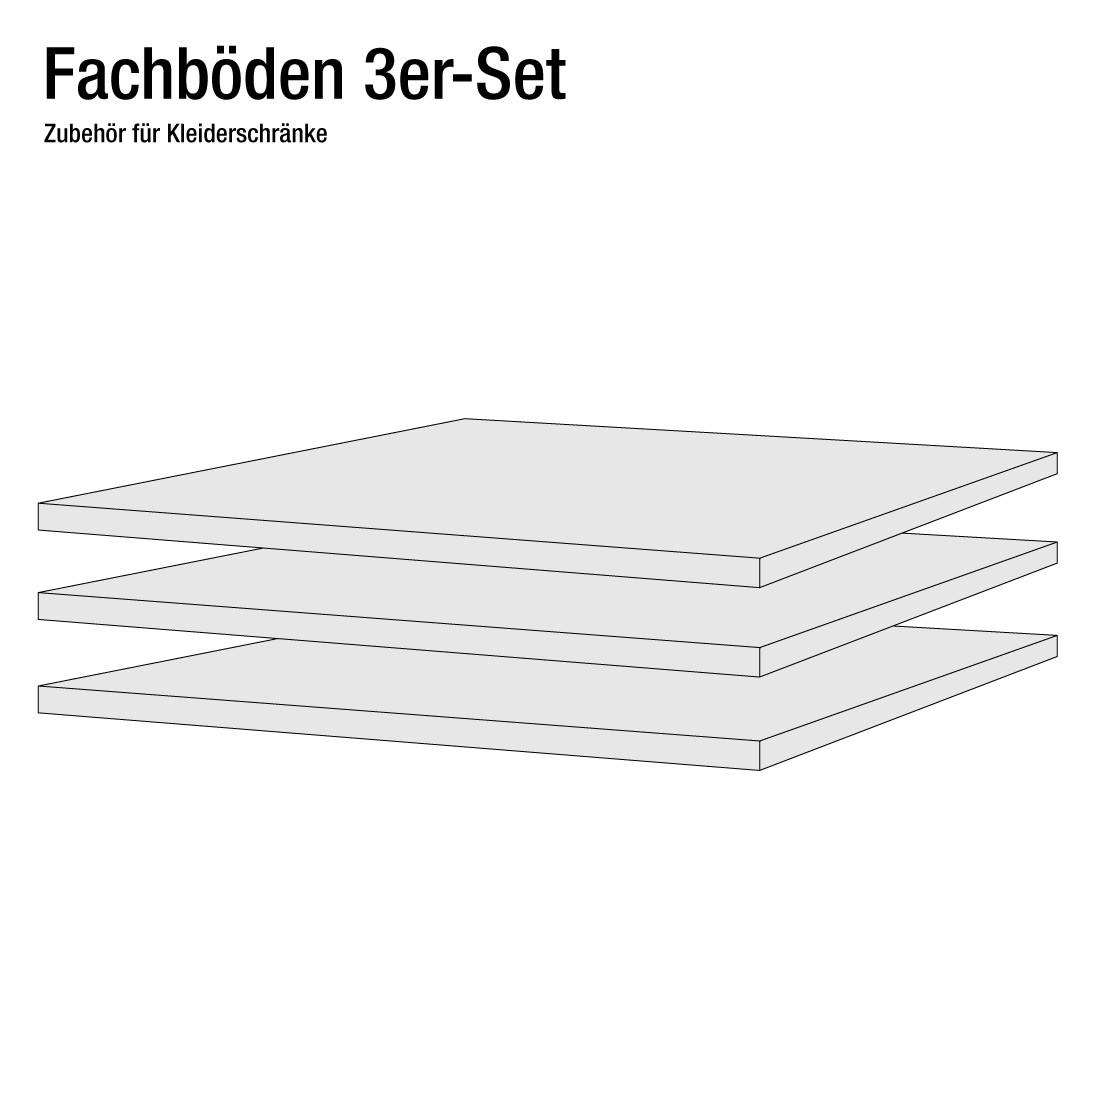 90er Fachboden (3er-Set) - OAKland´s